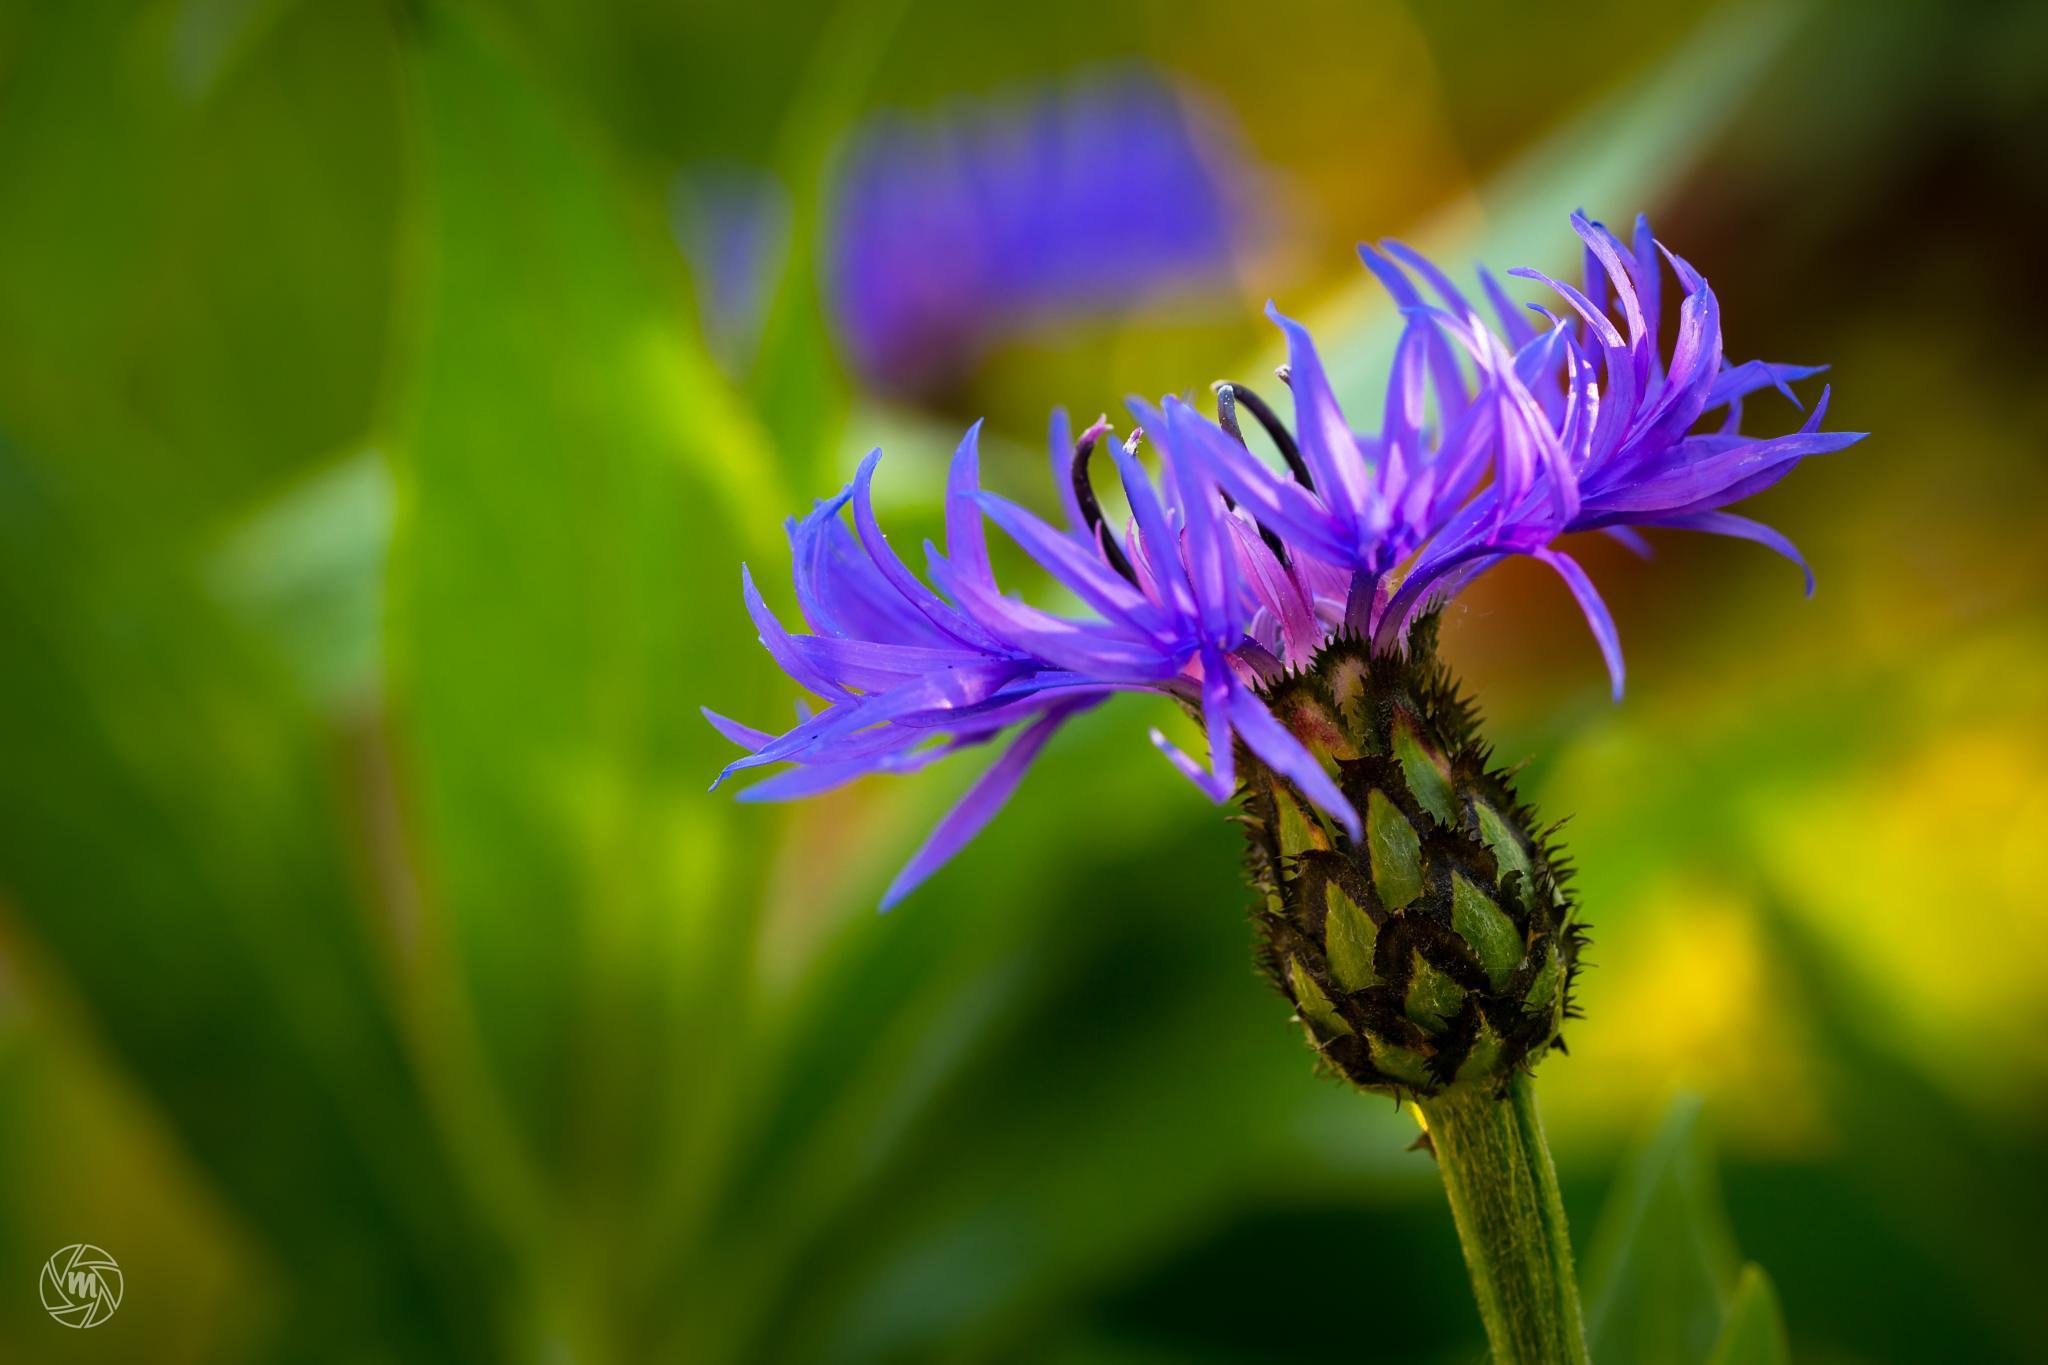 Cornflower Blooming by William Mevissen